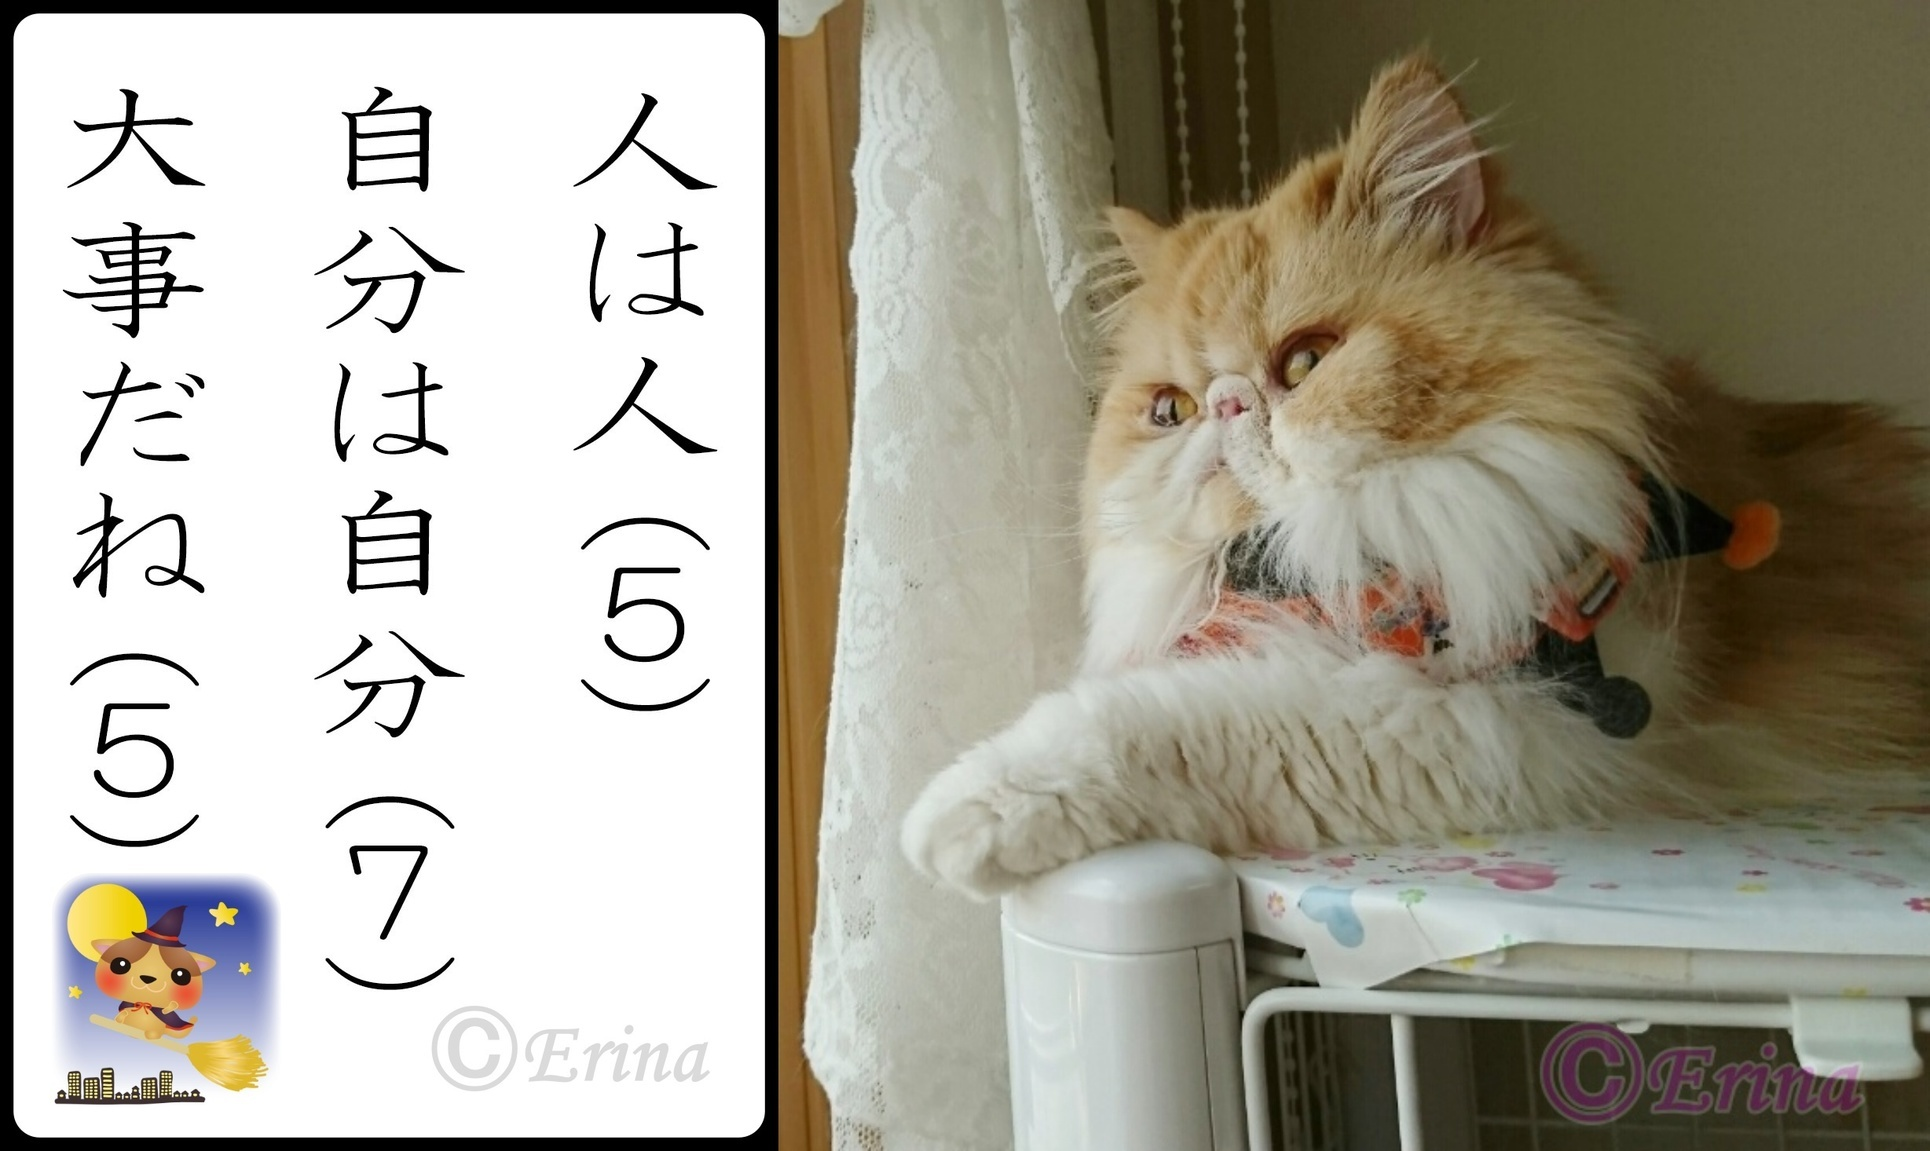 2連結猫川柳とモコⒸ人は人自分は自分大事だね-side.jpg